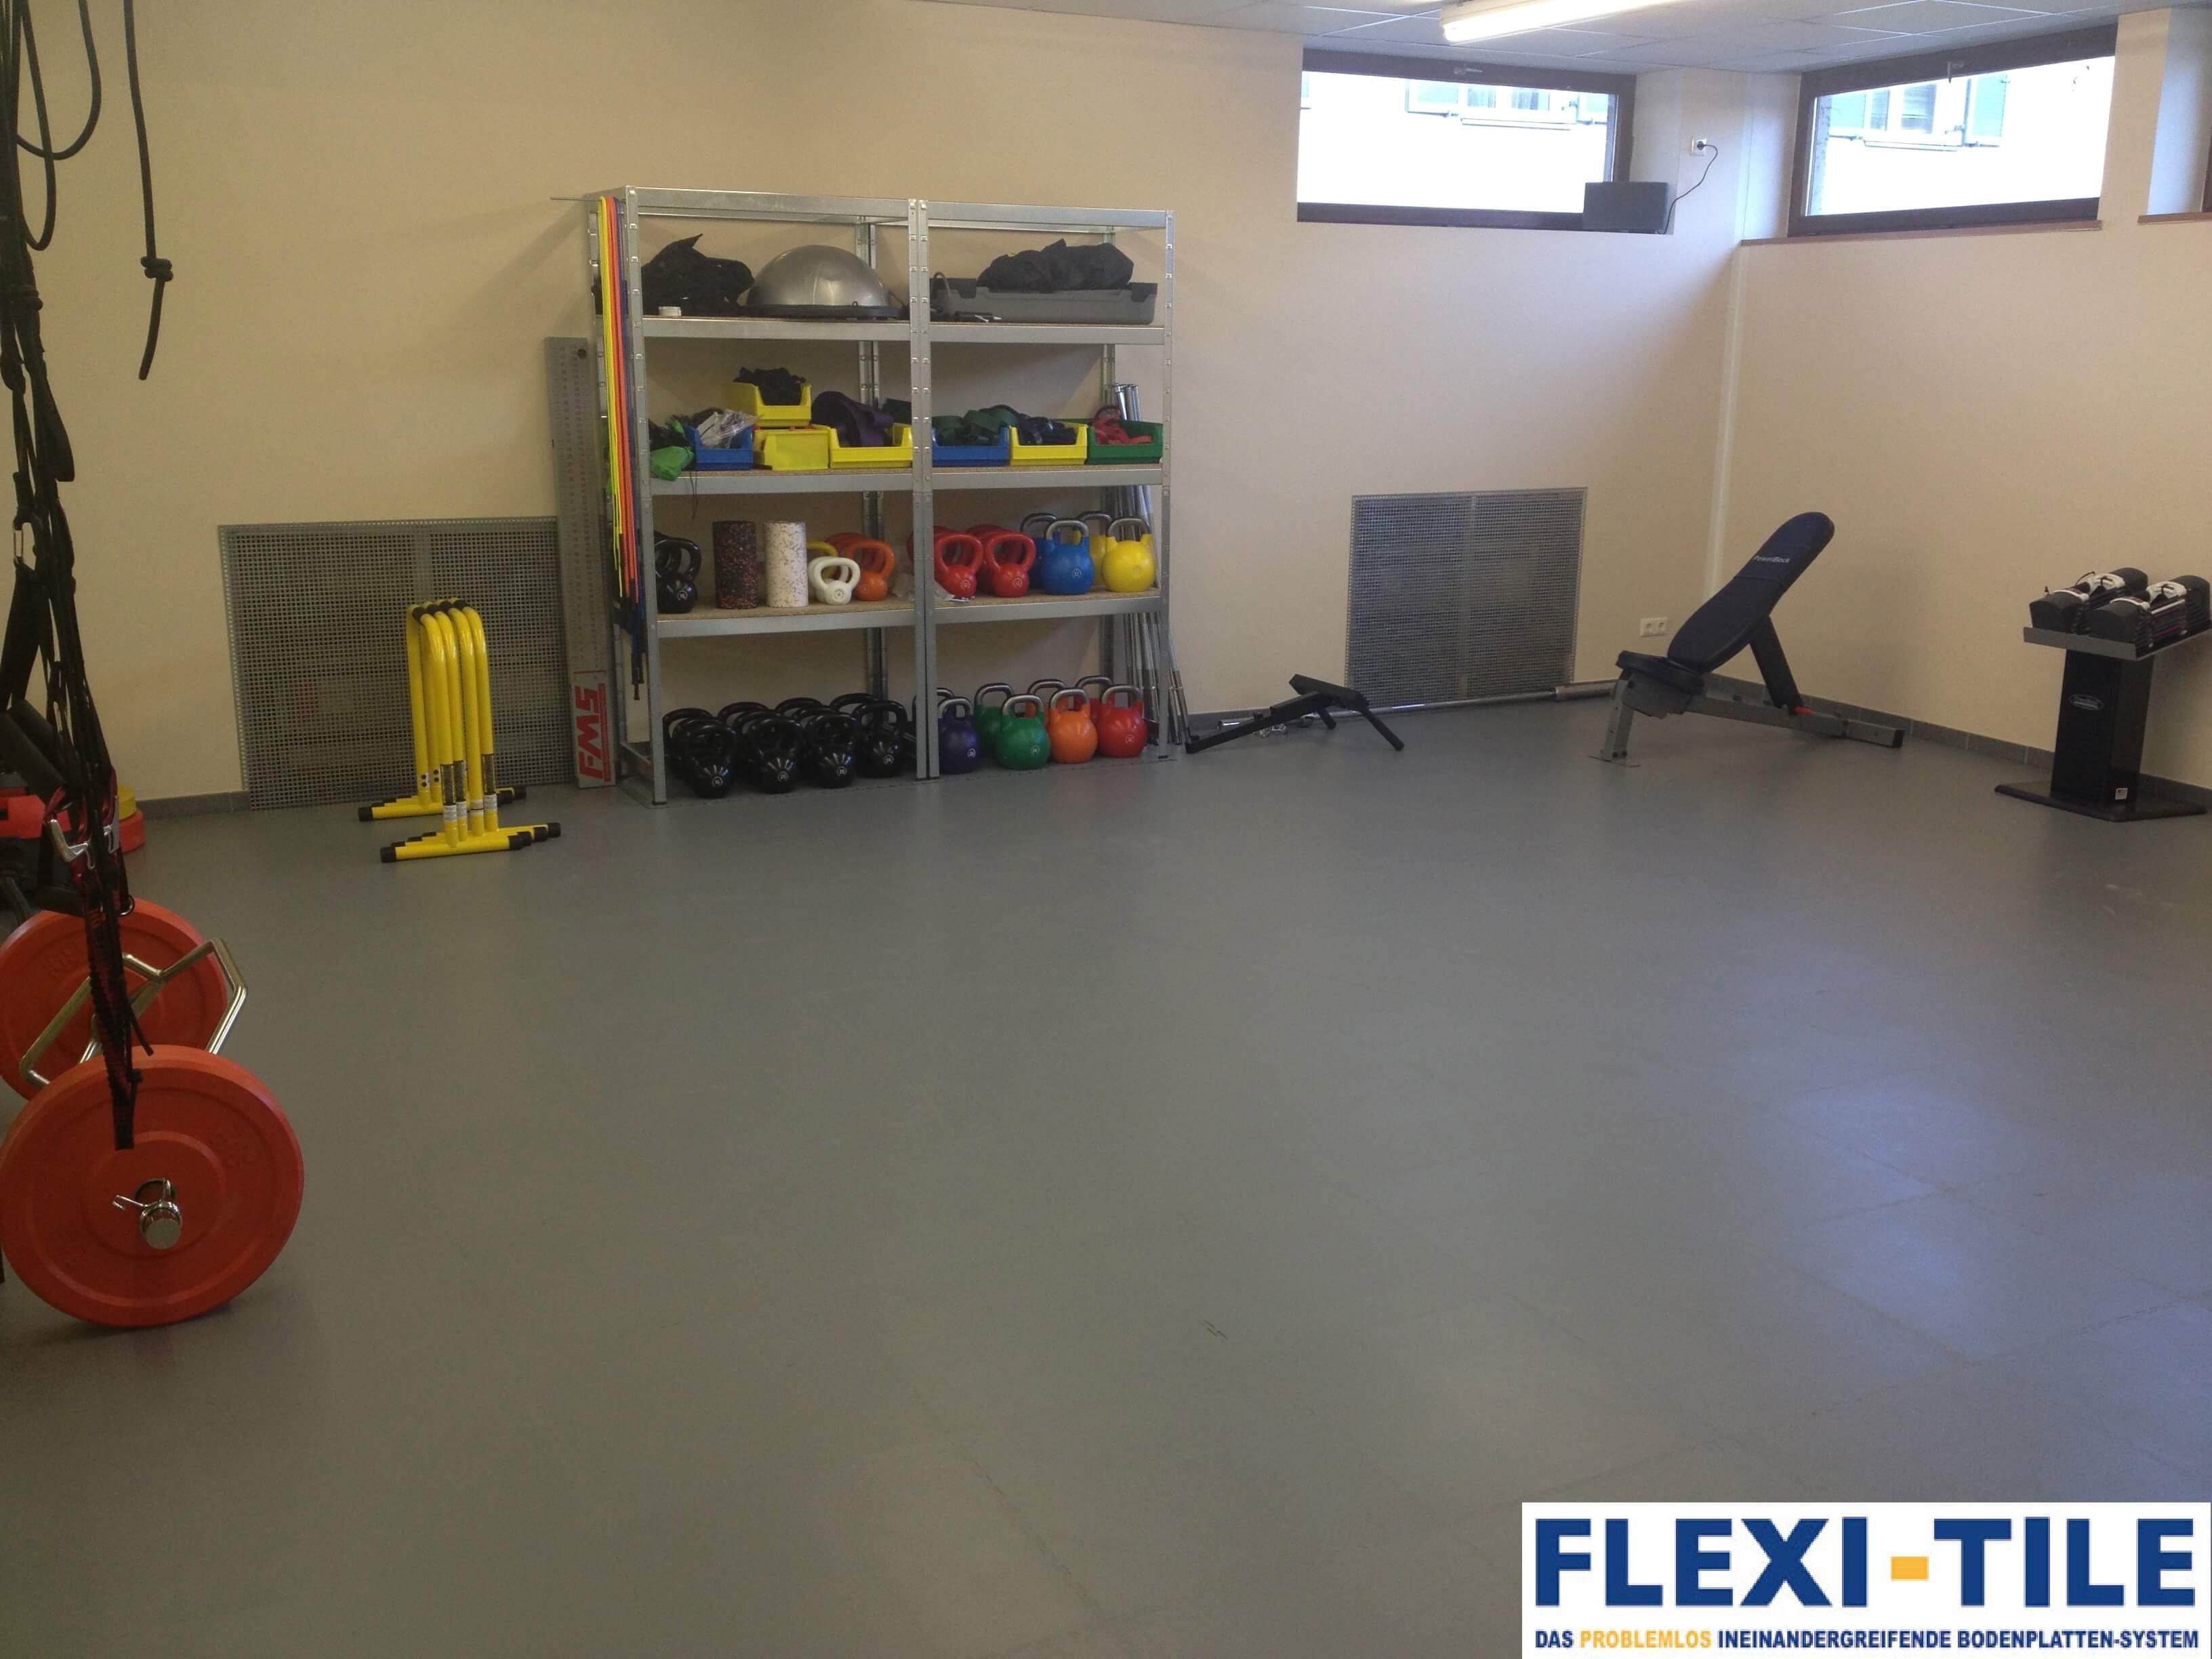 Flexi tile anwendungsbeispiel als fitnessboden pvc